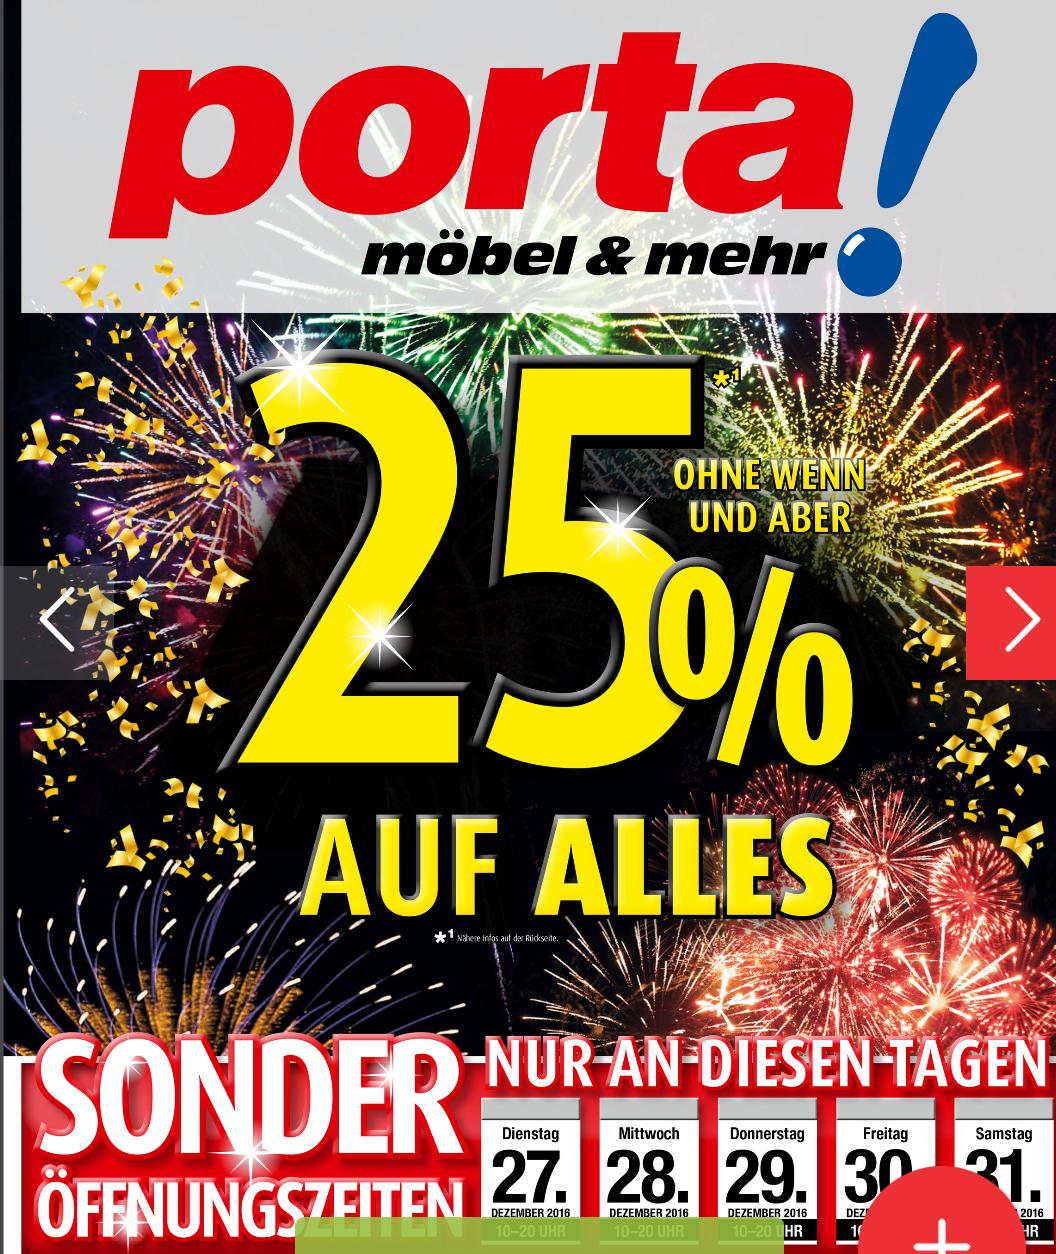 Porta Möbel 25% auf Alles ab 27.12. online/offline